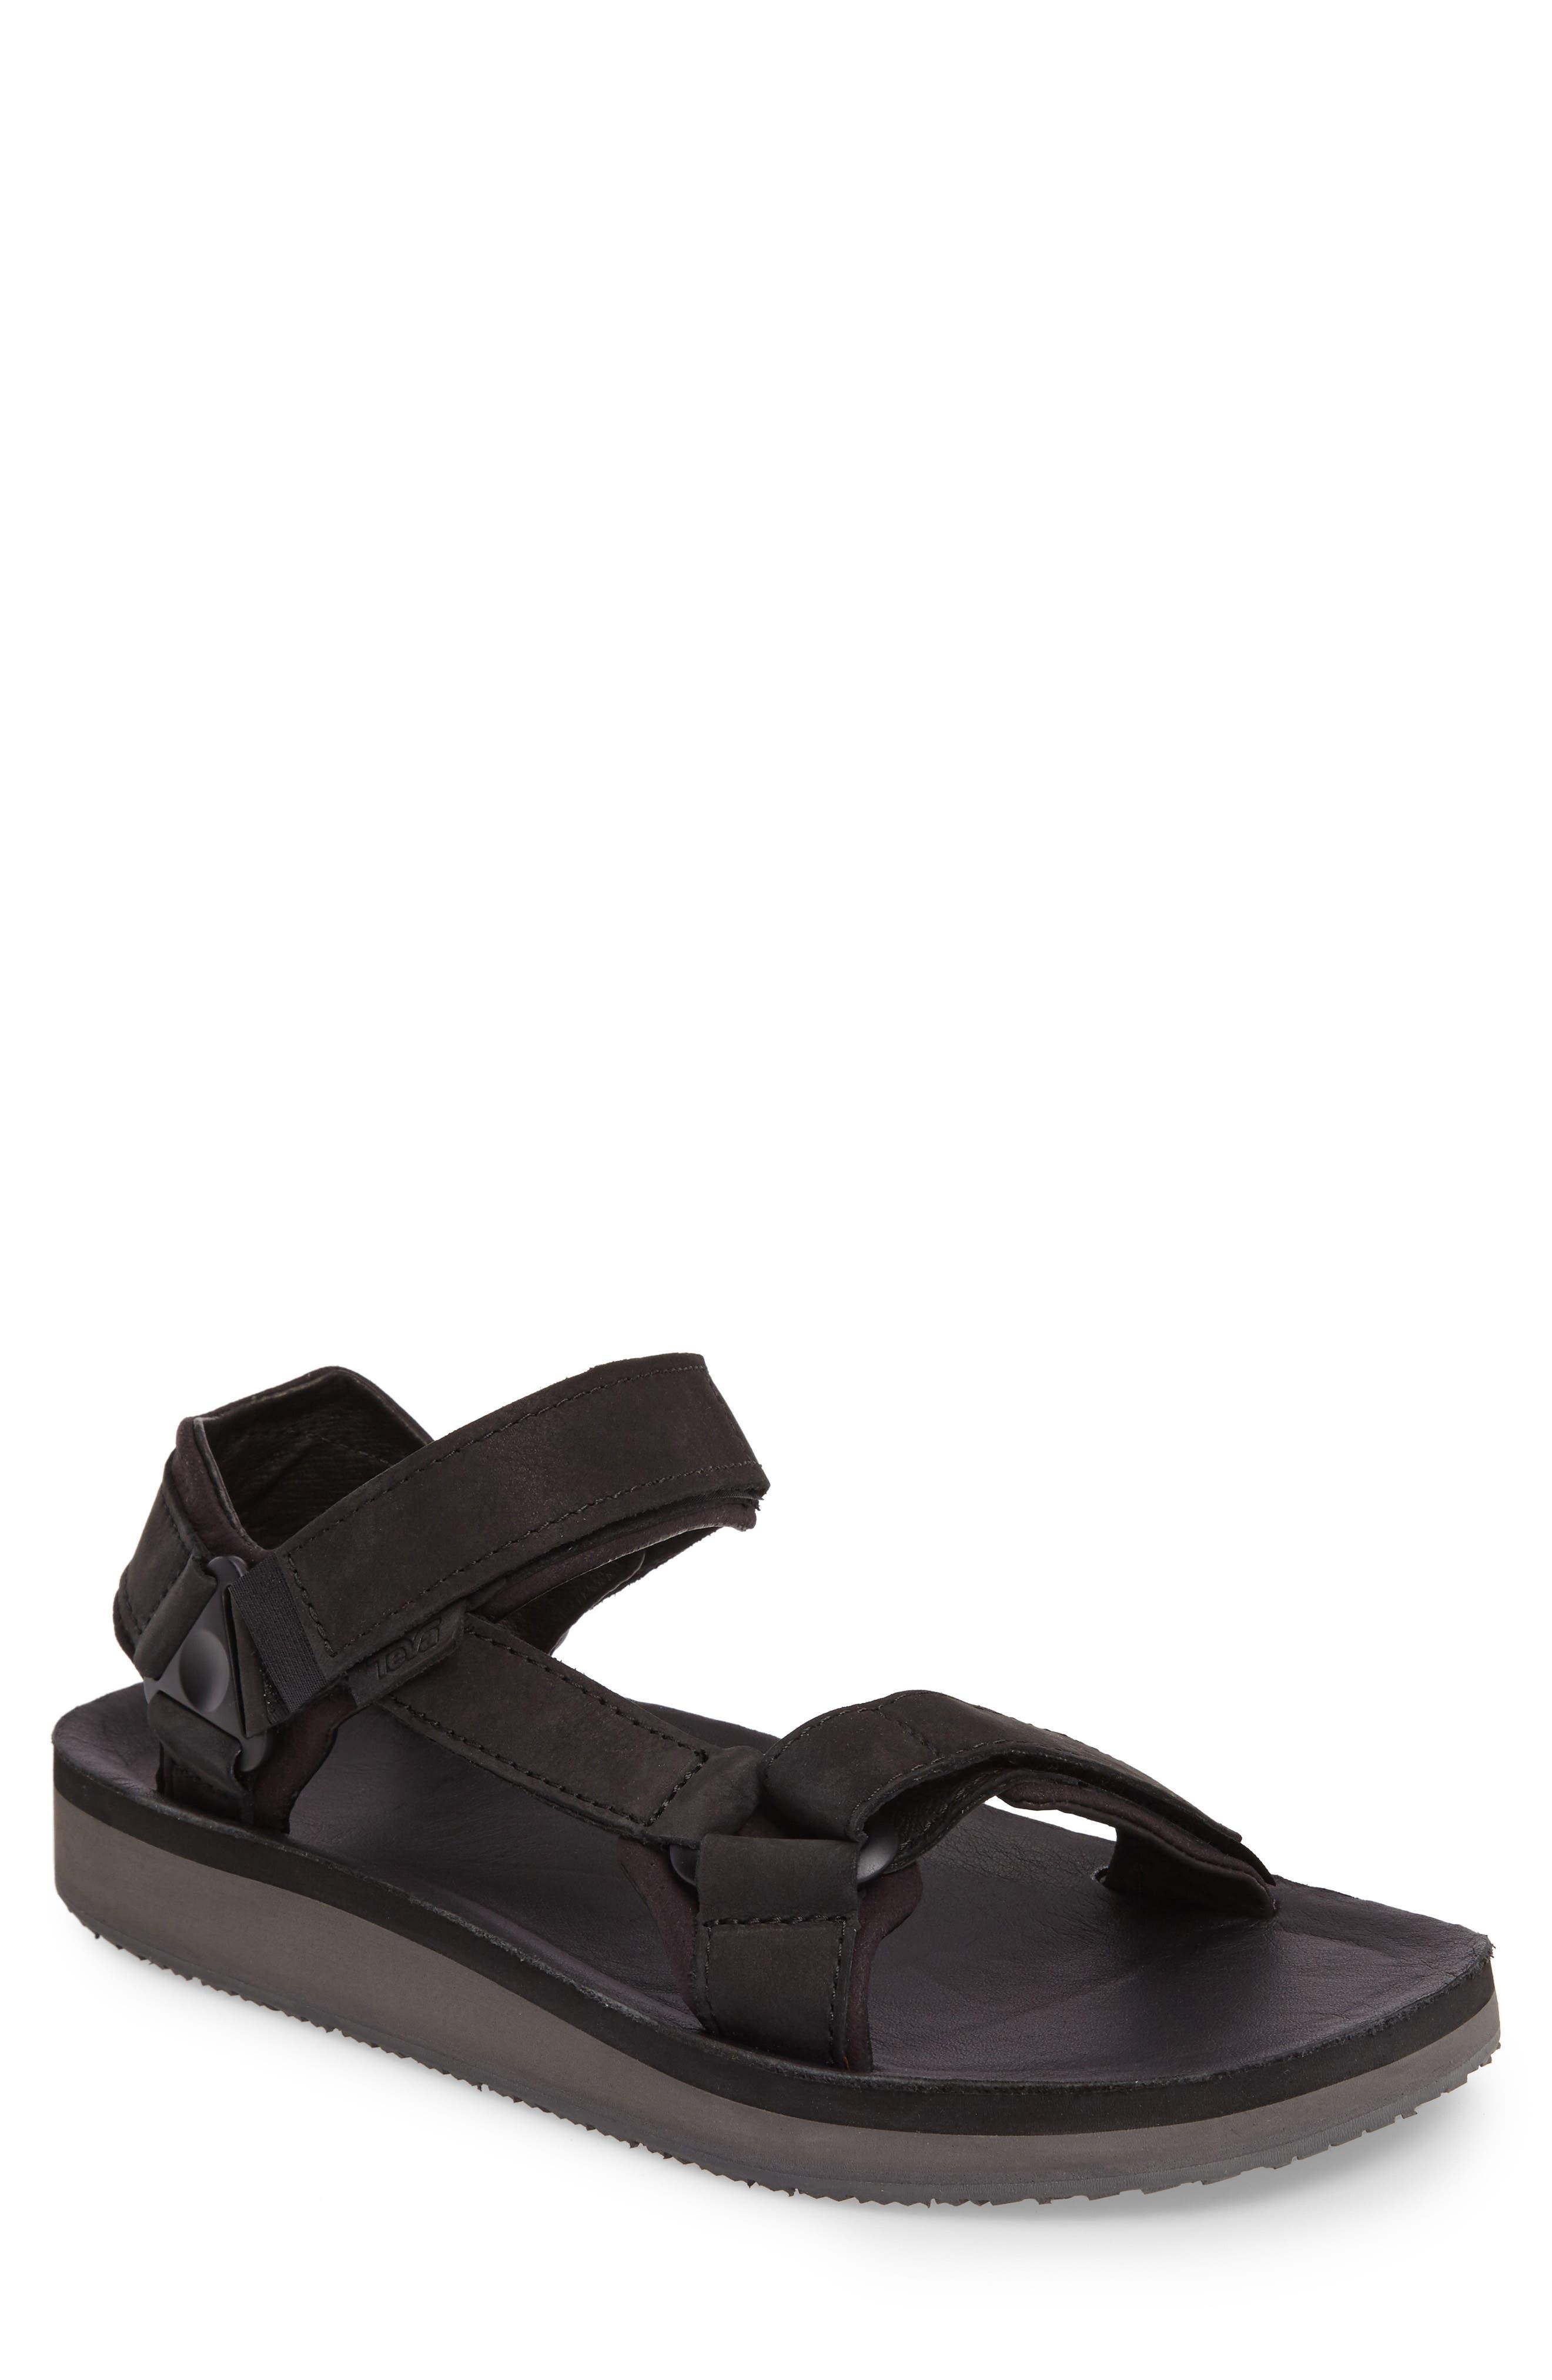 Main Image - Teva Original Universal Premier Sandal (Men)